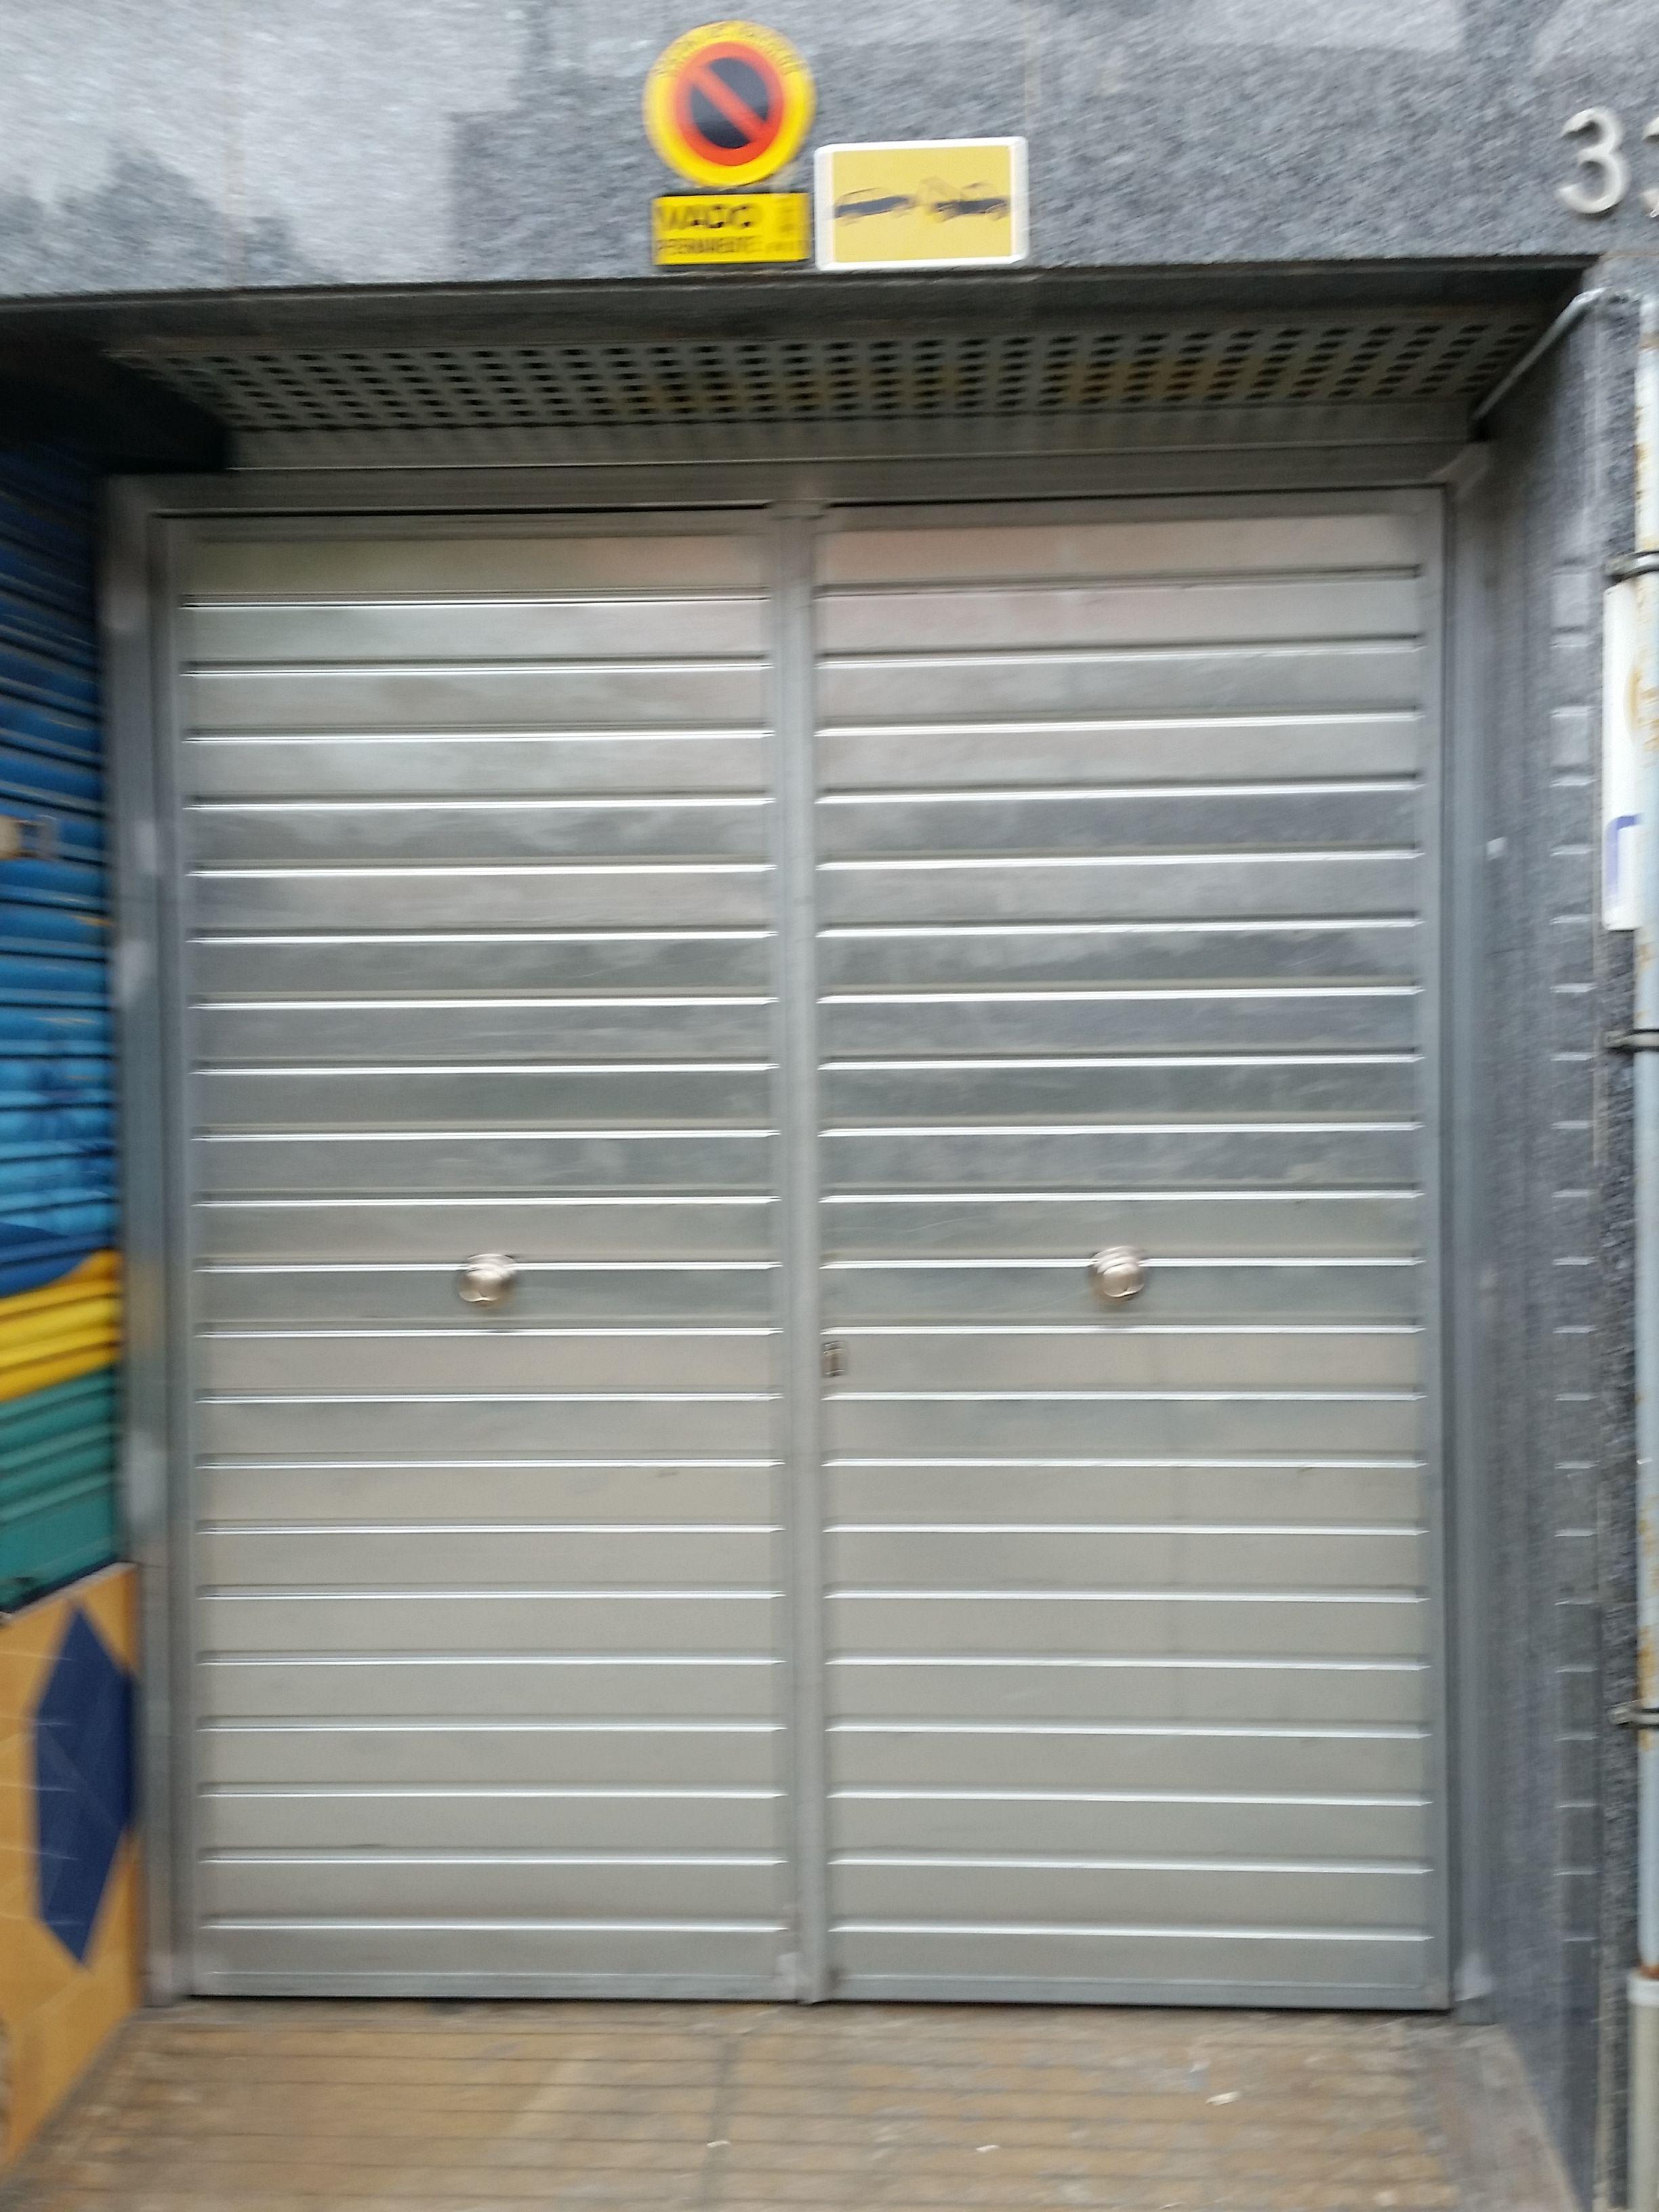 Puerta batiente manual de 2 hojas en acero galvanizado - Puerta de acero galvanizado ...